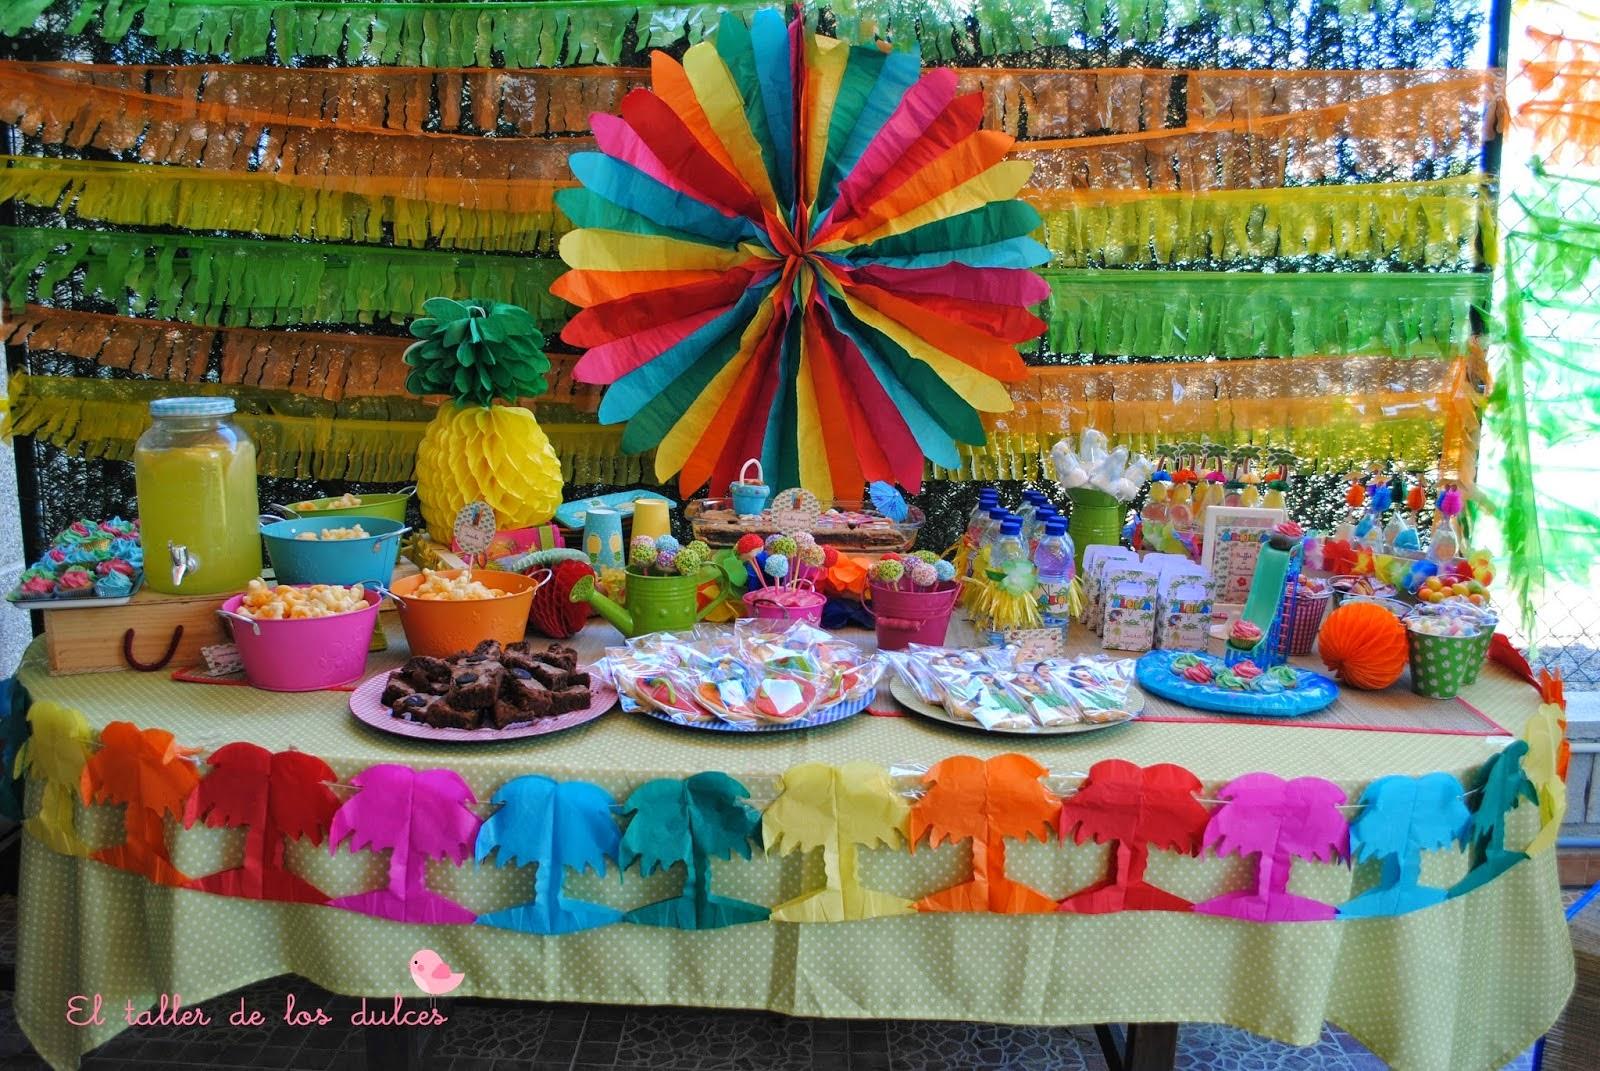 El taller de los dulces mesas dulces y celebraciones - Decoracion cumpleanos infantiles manualidades ...